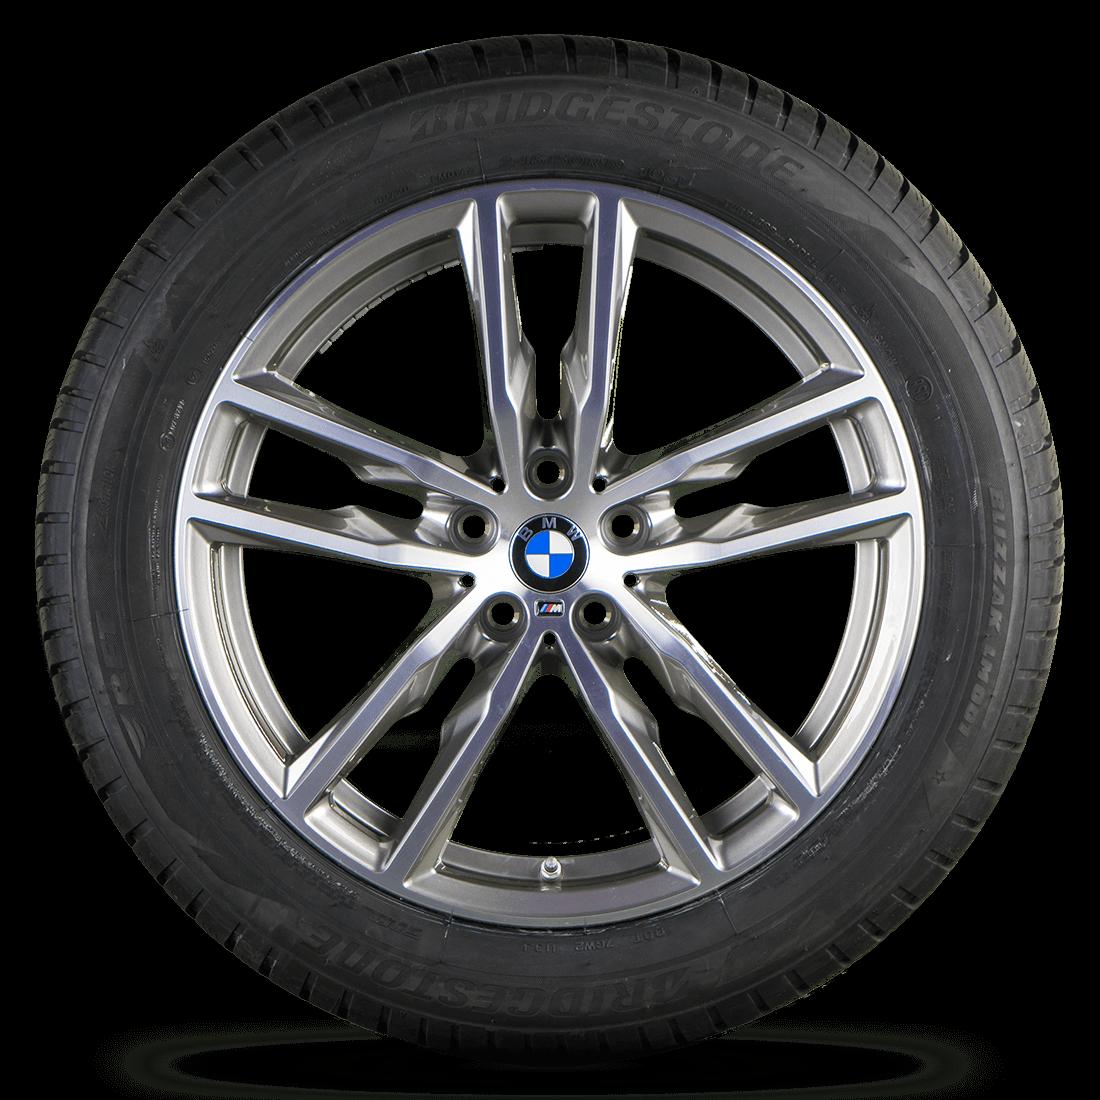 BMW X3 G01 X4 G02 19 Zoll Winterräder Felgen Winterreifen Styling M698 NEU